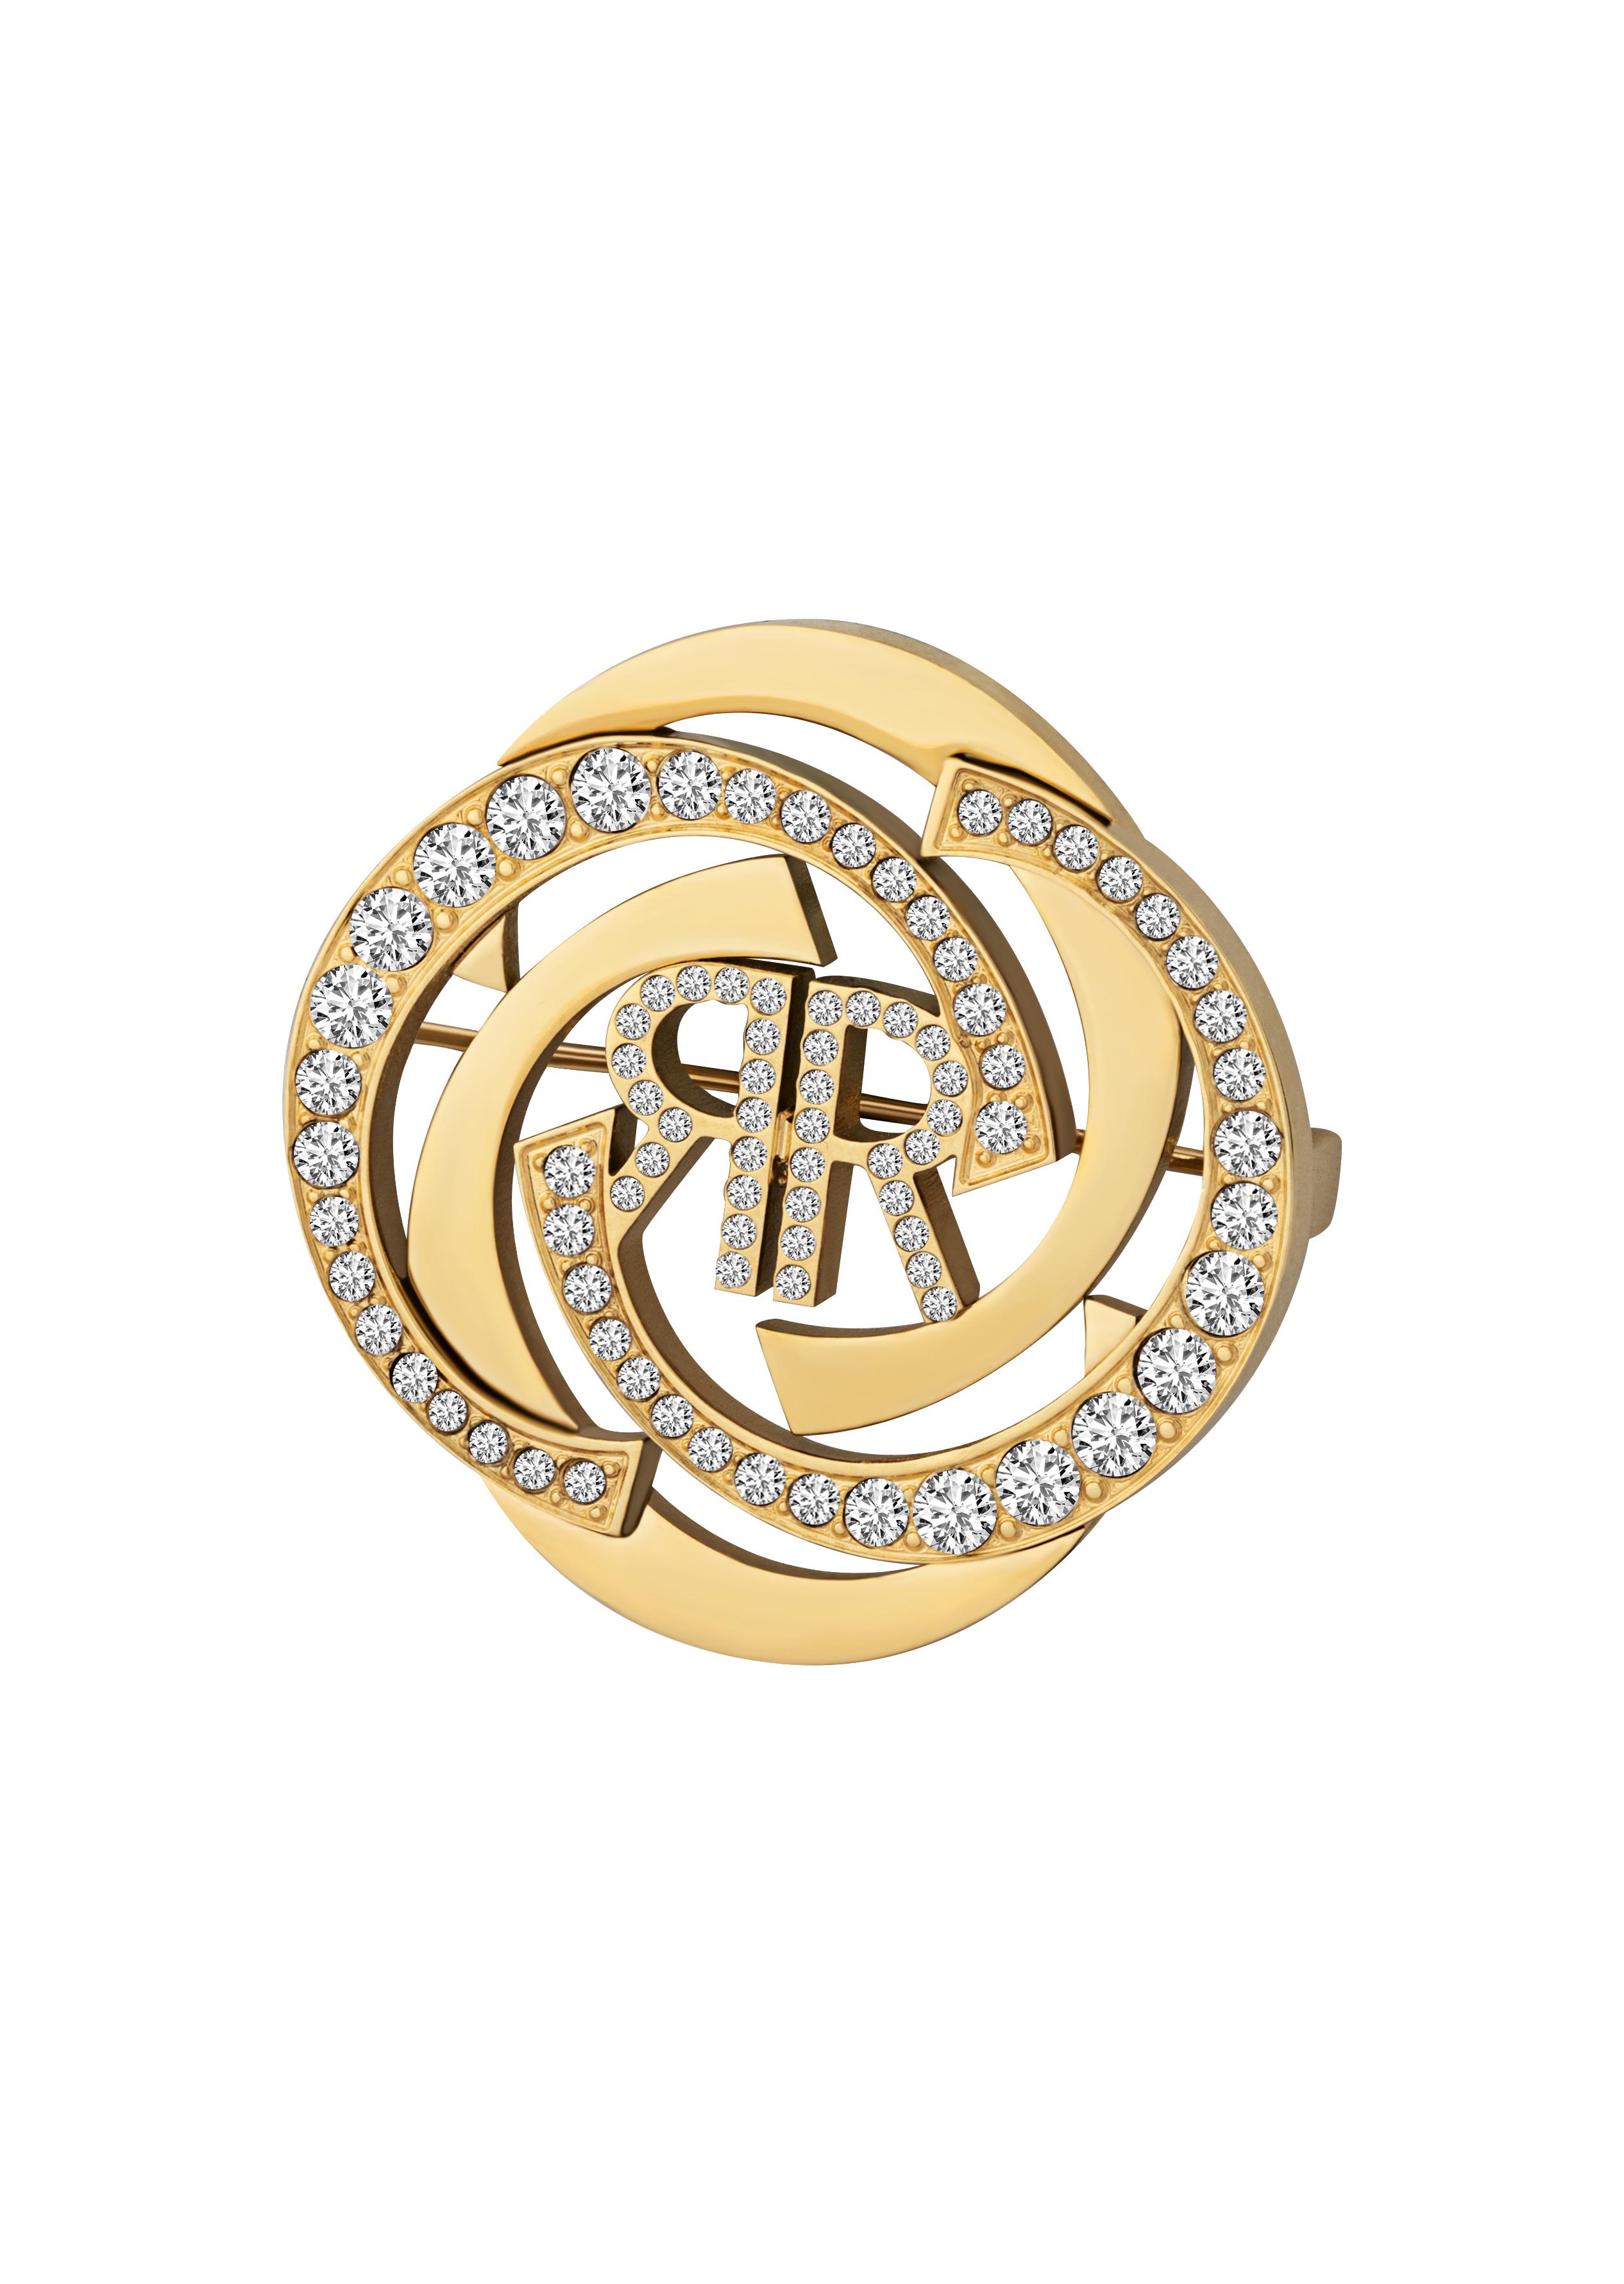 Cerruti Woman Gold Brooch Best Mother's Gift Trafalgar Luxury Jewels